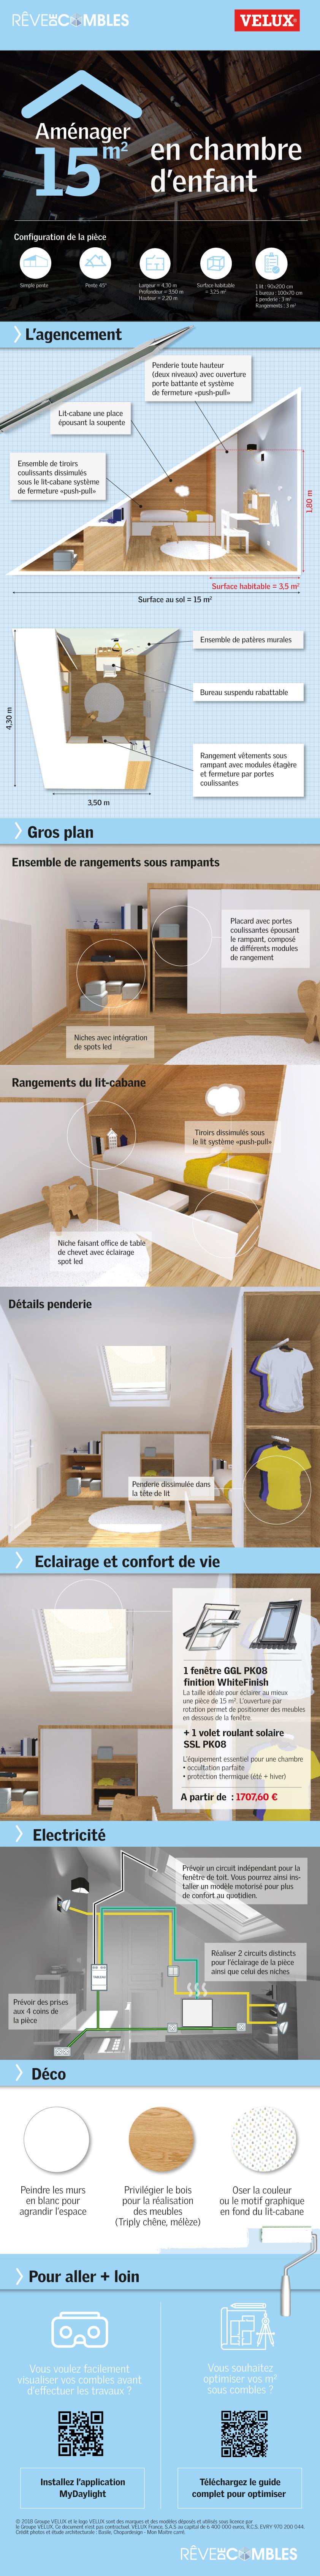 infographie-comment-amenager-15m2-chambre-enfant-combles-optimises